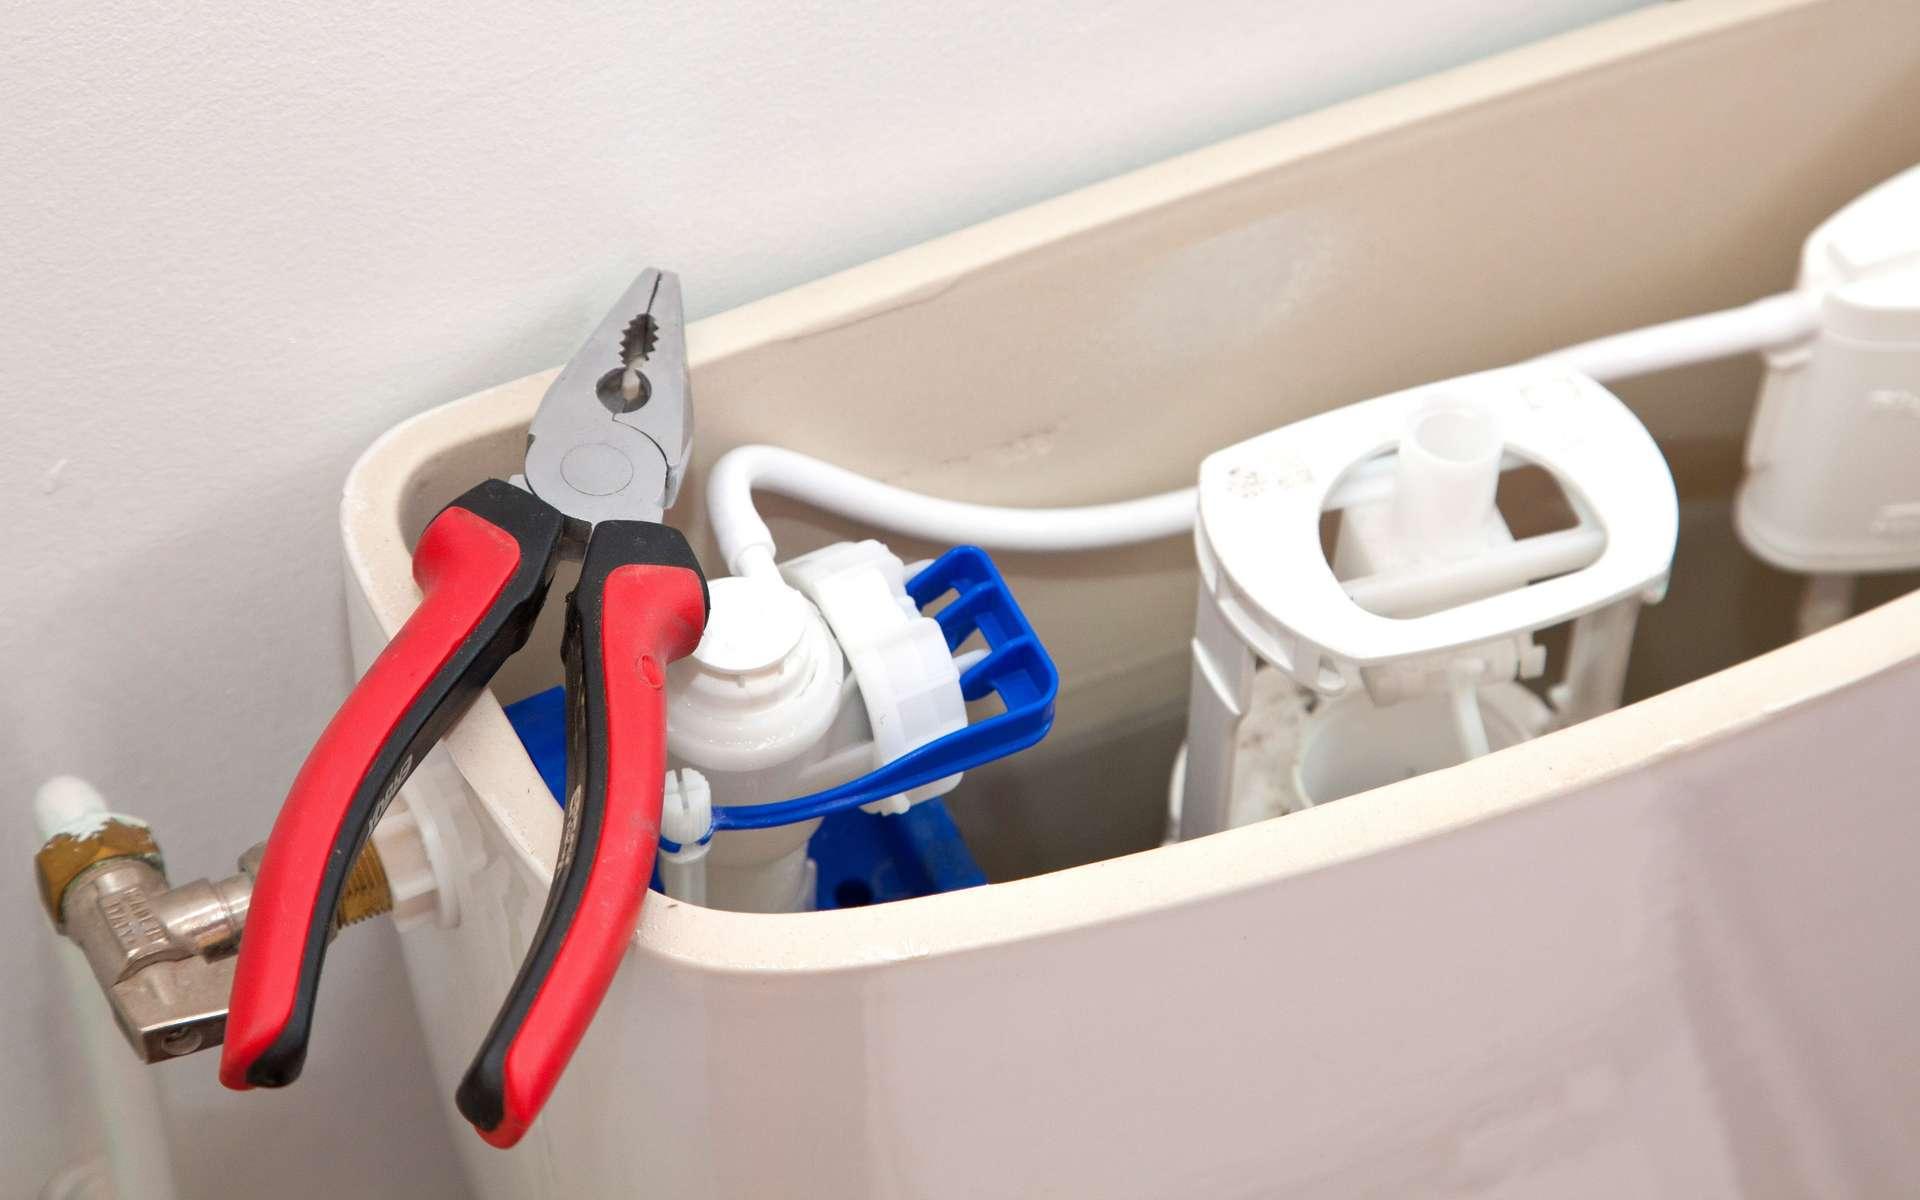 Il faut couper l'arrivée d'eau avant de changer la chasse d'eau. © Christophe Fouquin, Adobe Stock